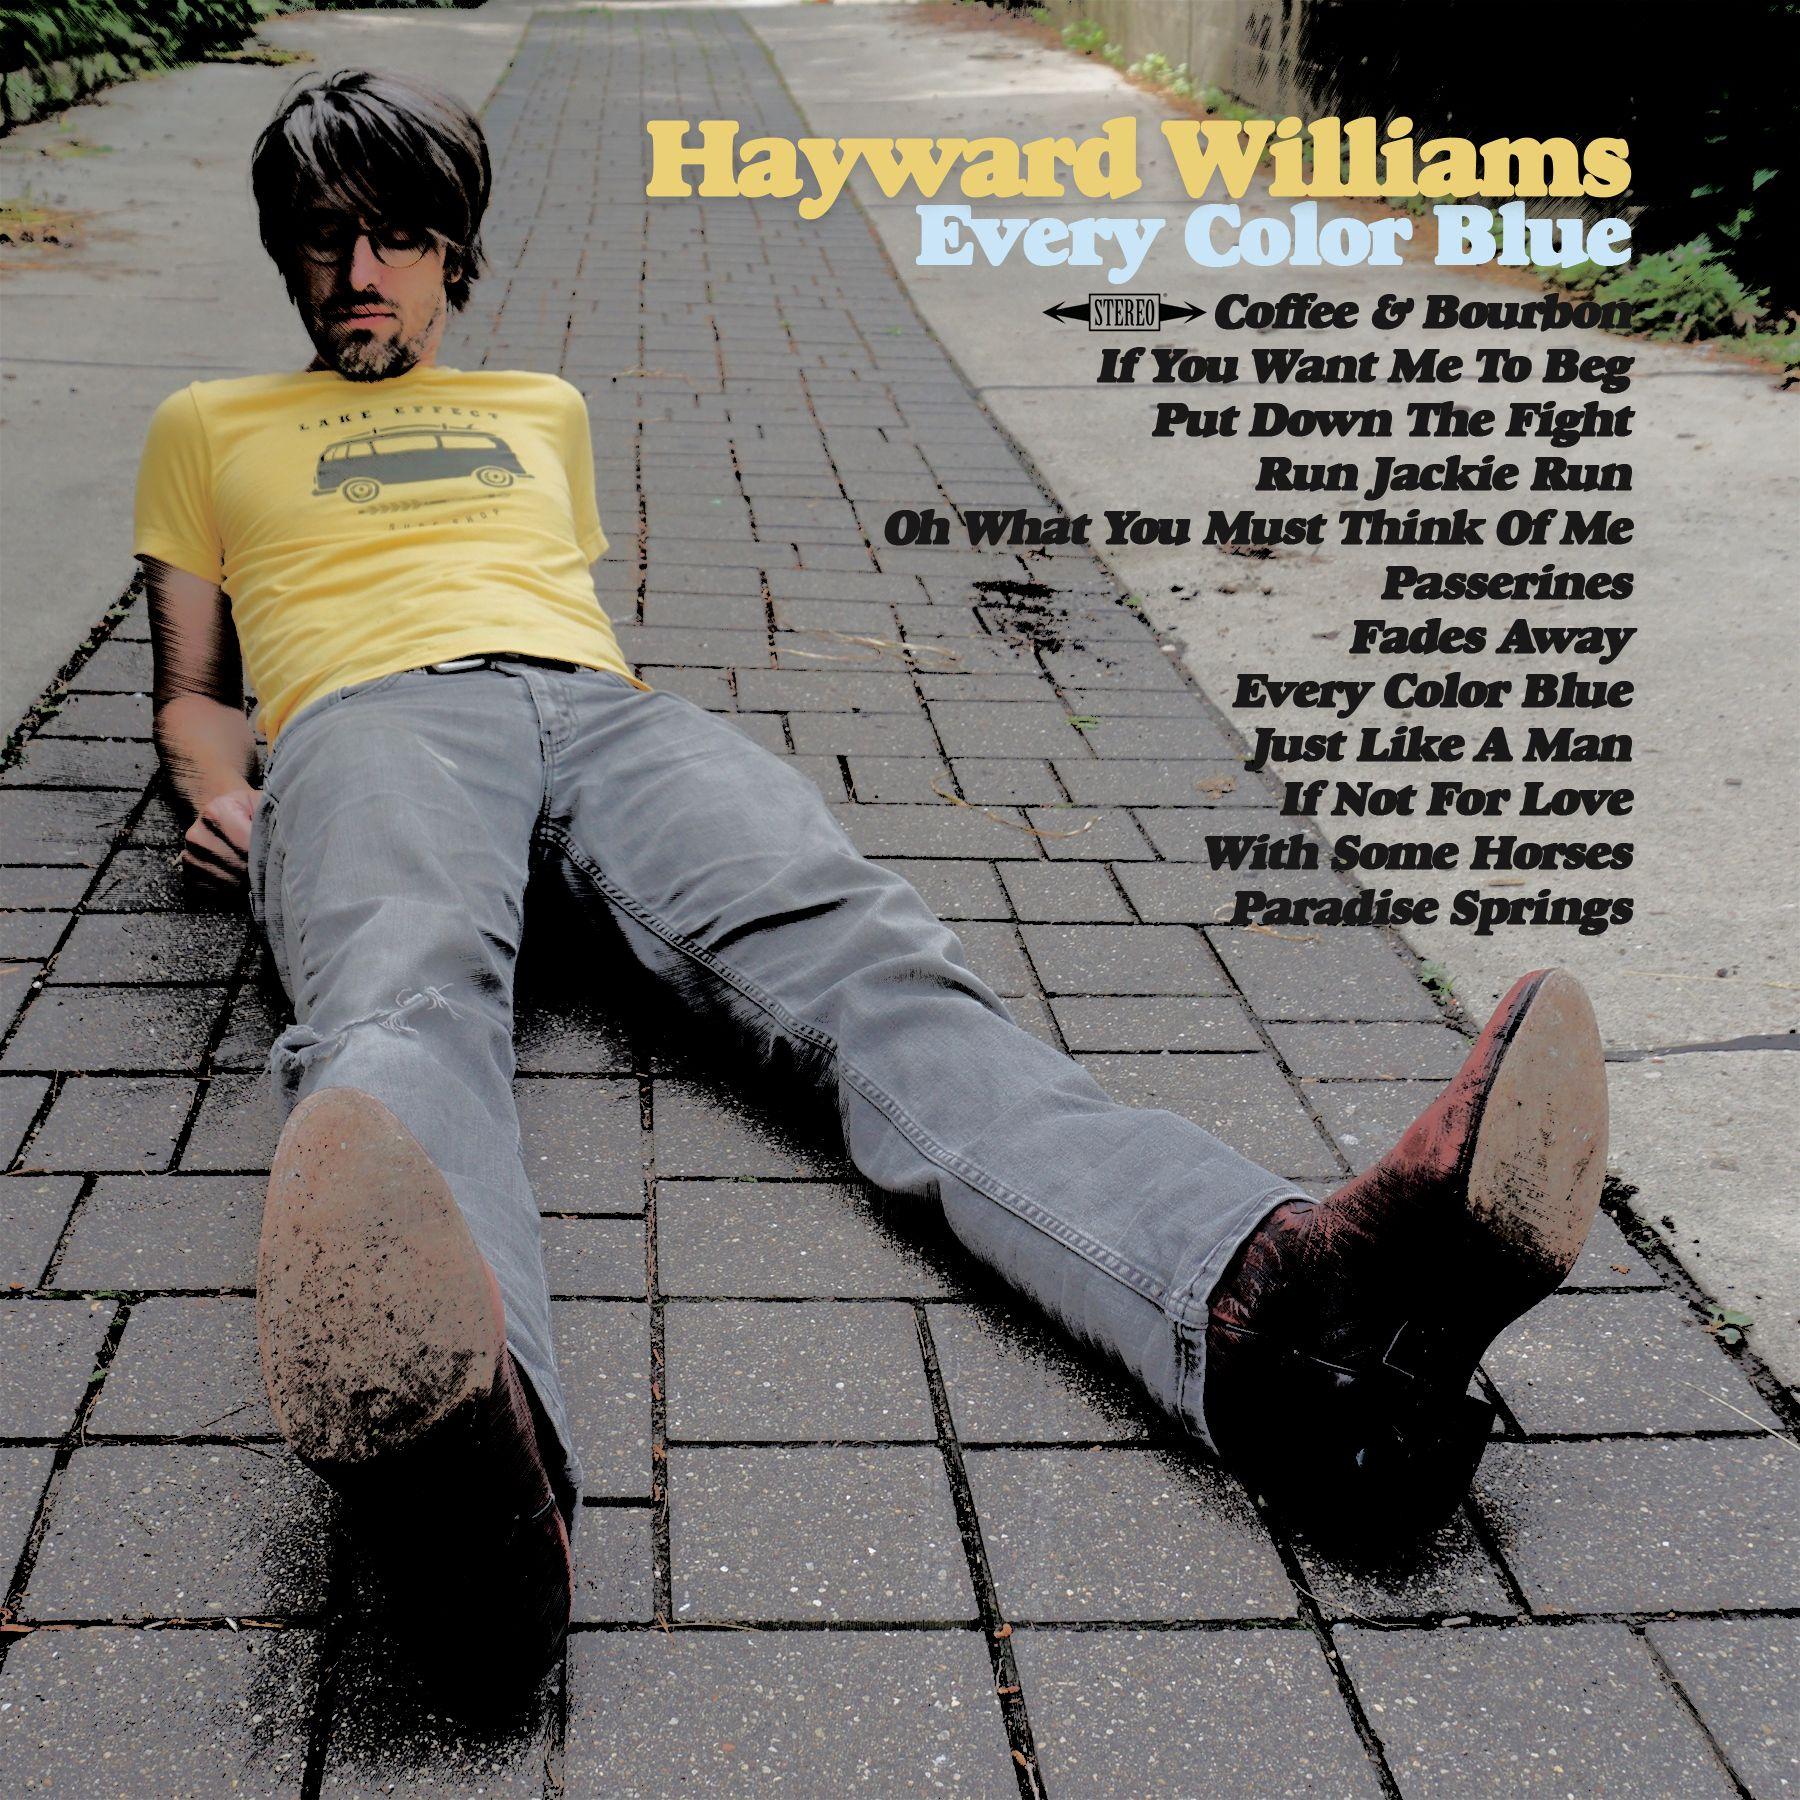 Hayward Williams – Fades Away